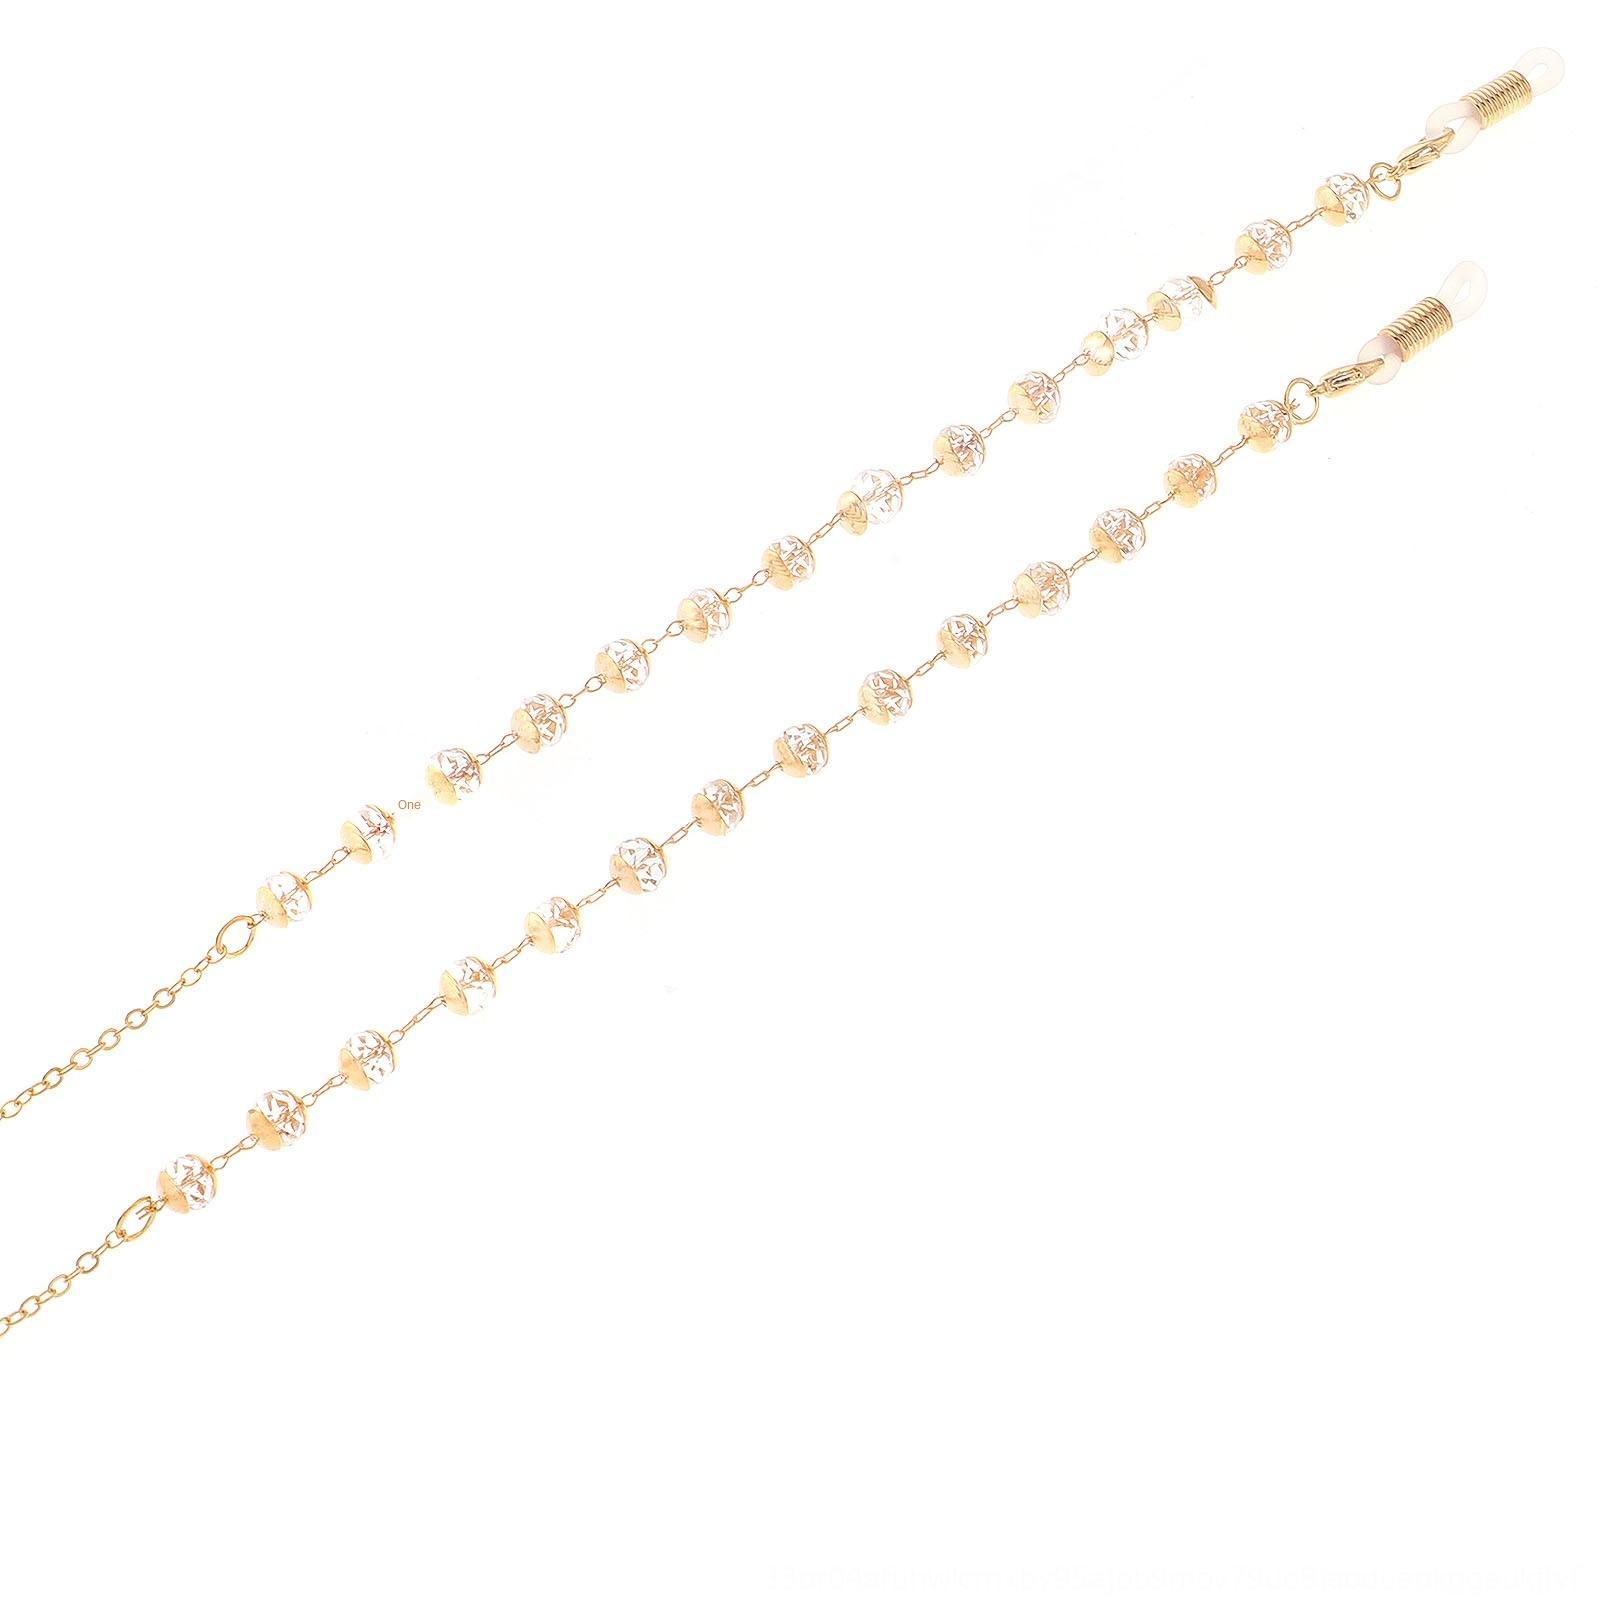 MSNcL Высококачественной подлинного золочения моды цепь дальнозоркости золото прозрачного кристалл нескользящие очки цепь дальнозоркость очки антицепь